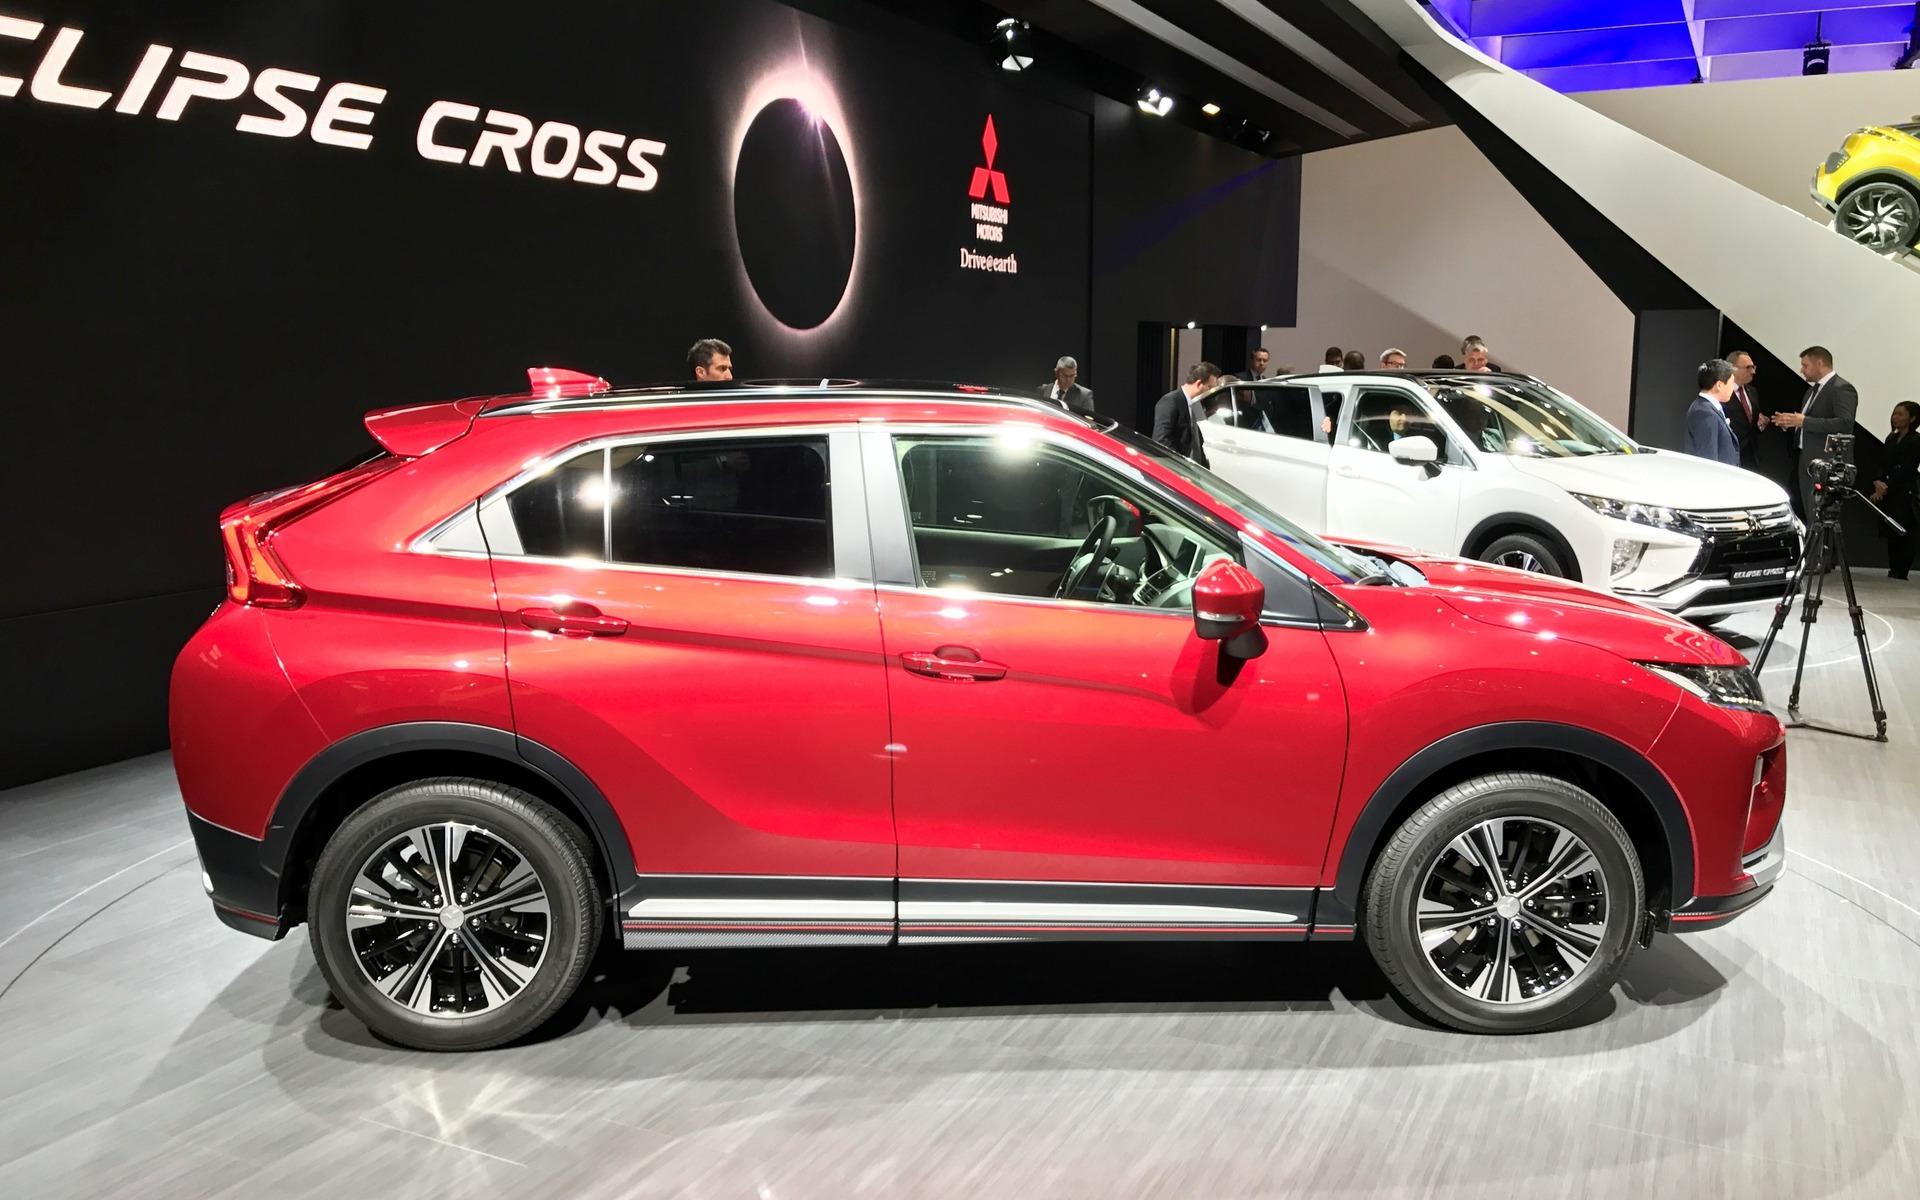 Mitsubishi Eclipse 2018 >> 2018 Mitsubishi Eclipse Cross: a New SUV for the Brand - 4/56